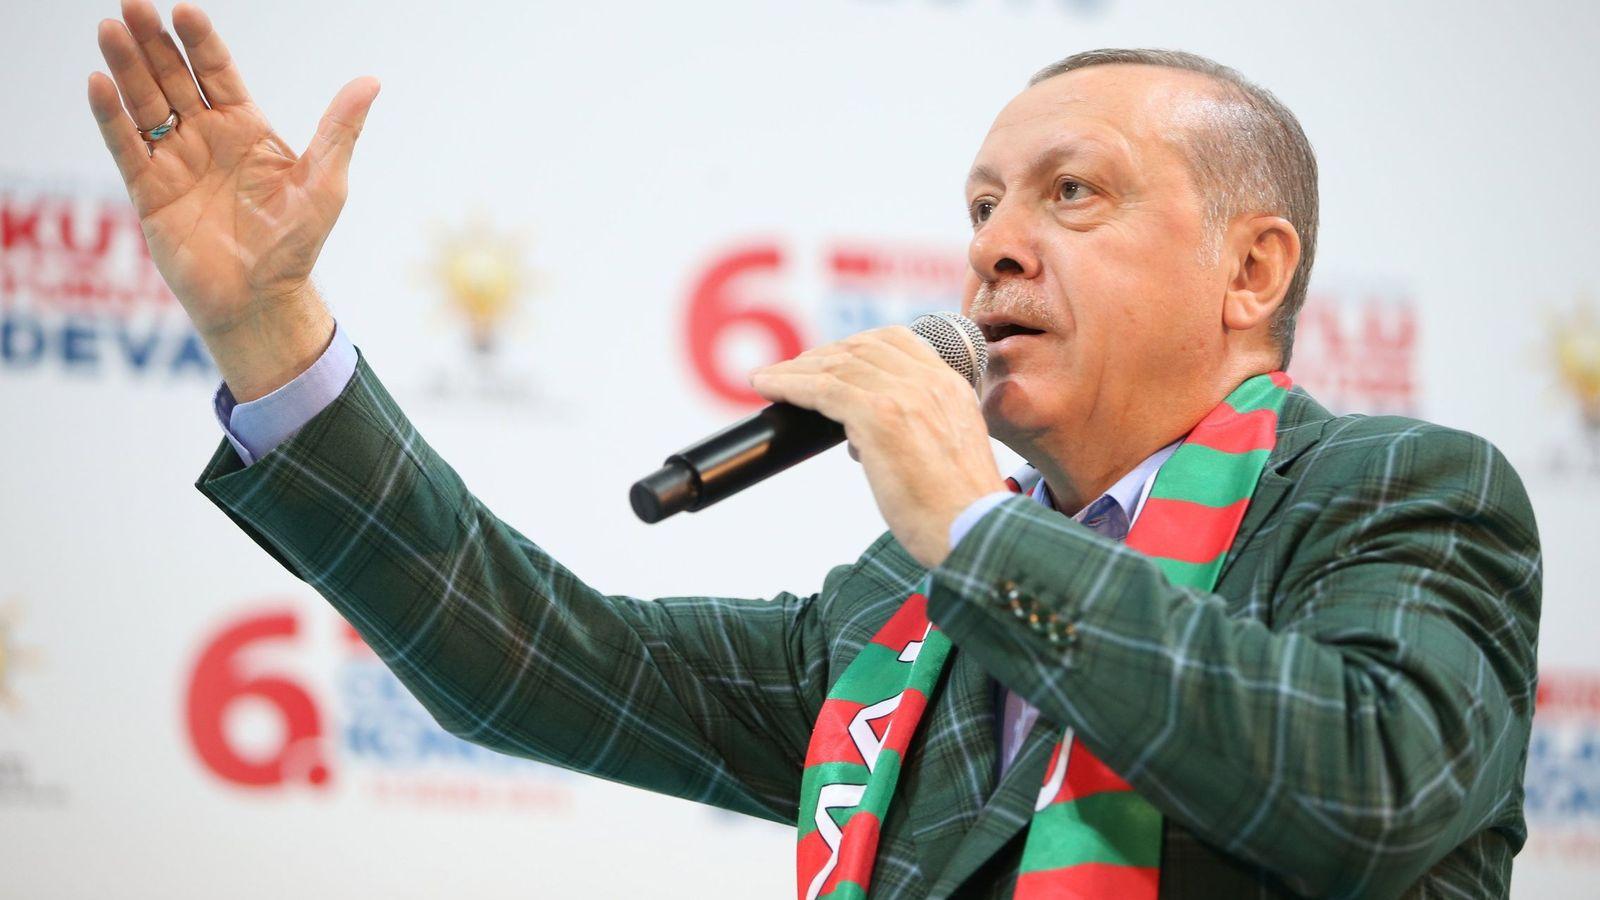 Foto: El presidente turco Recep Tayyip Erdogan en un congreso de su partido en Estambul, el 15 de abril de 2018. (EFE)